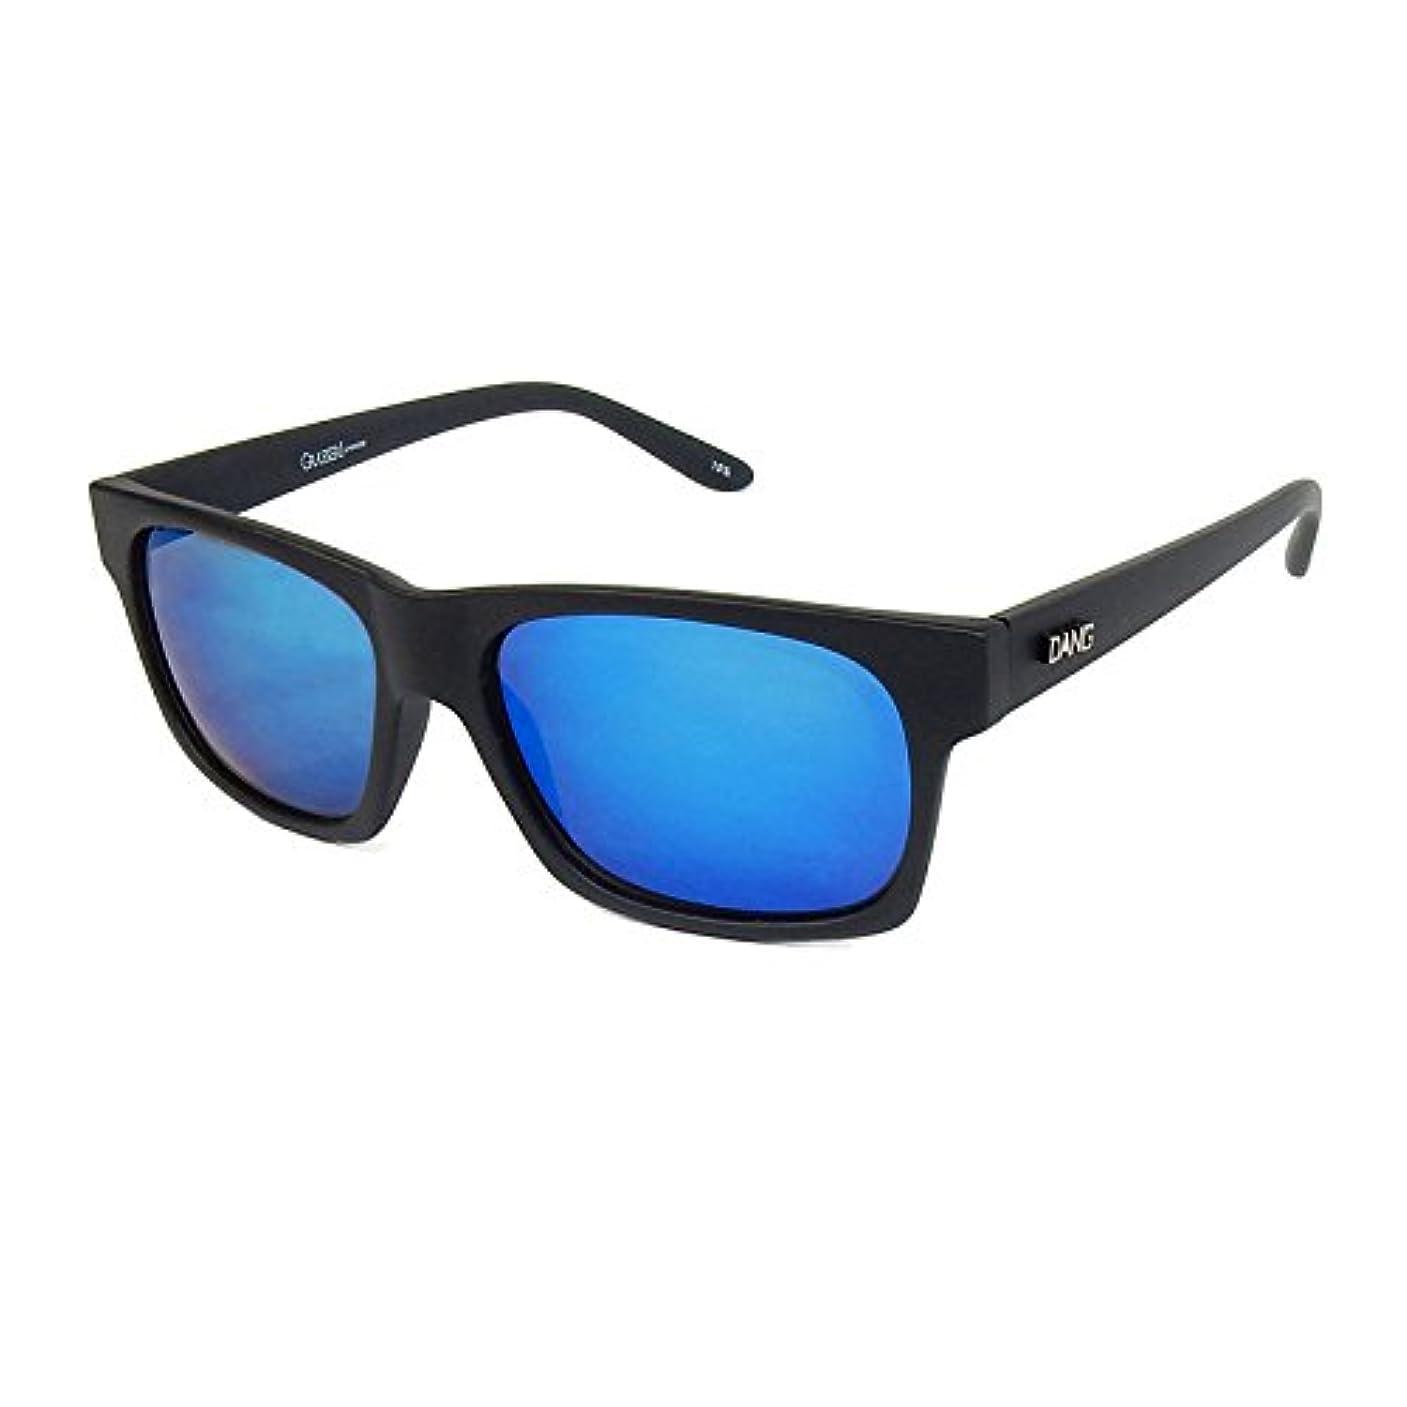 チューインガム結び目アーサーコナンドイルダン シェイディーズ ( DANGSHADES ) GRASSER Black Soft x Blue Mirror Polarized ( DANG METAL LOGO ) 偏光レンズ スケートボード サングラス メンズ レディース